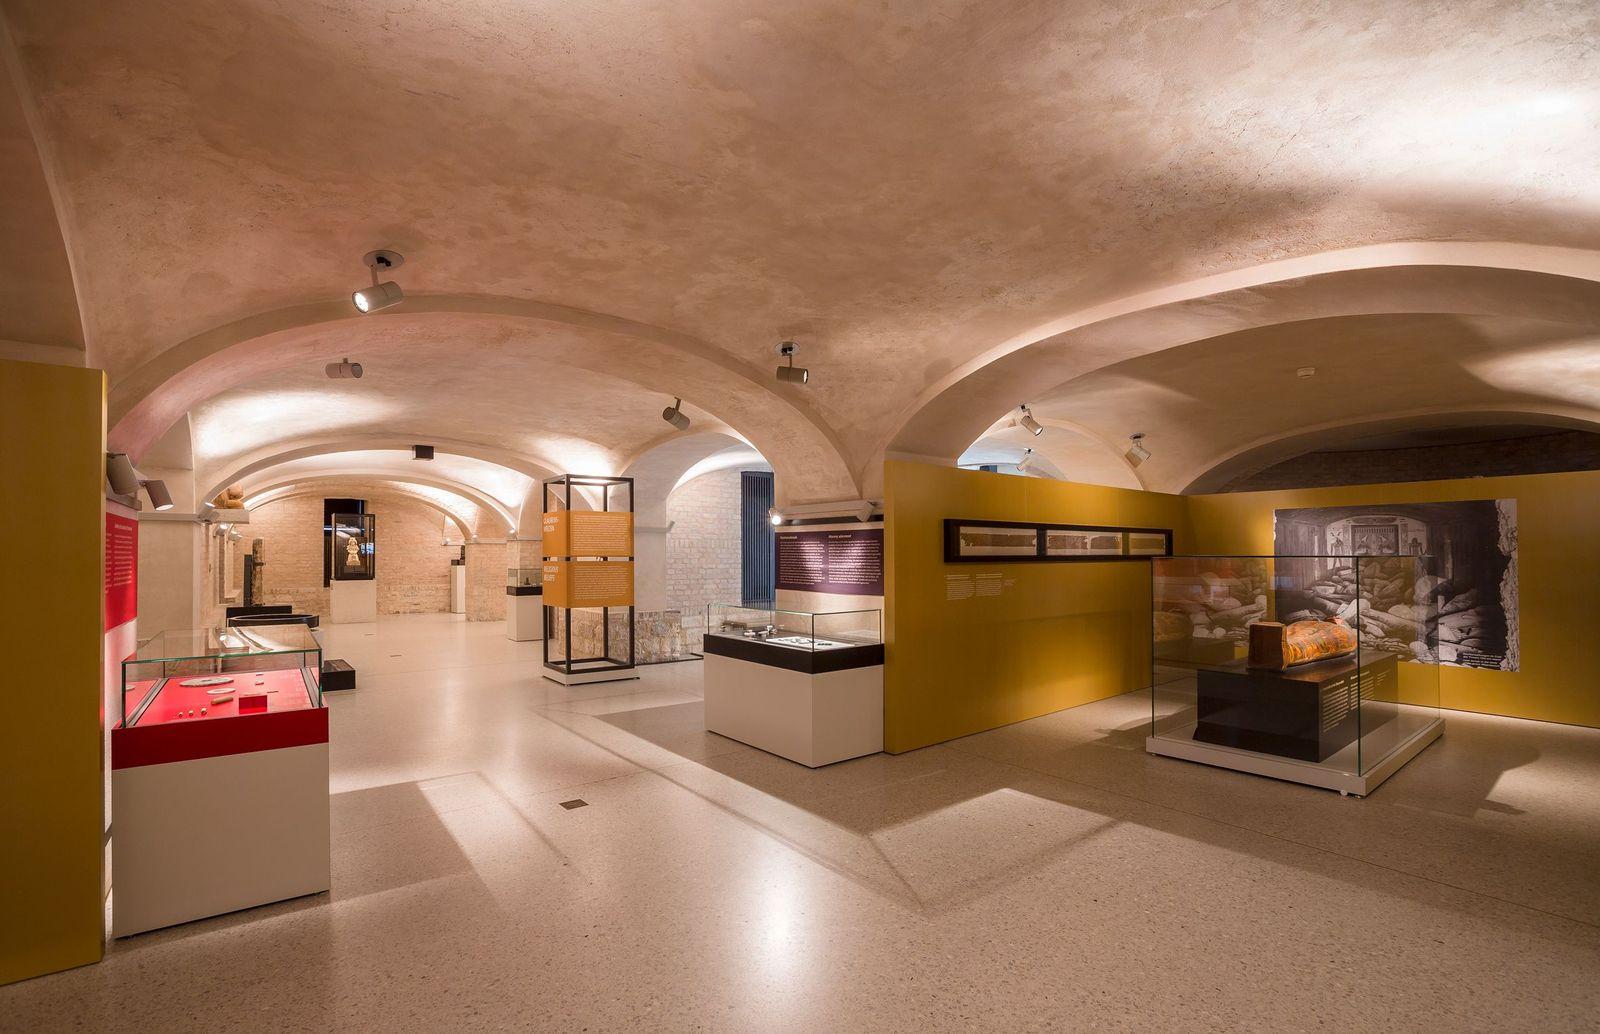 © Ägyptisches Museum und Papyrussammlung - Staatliche Museen zu Berlin / David von Becker